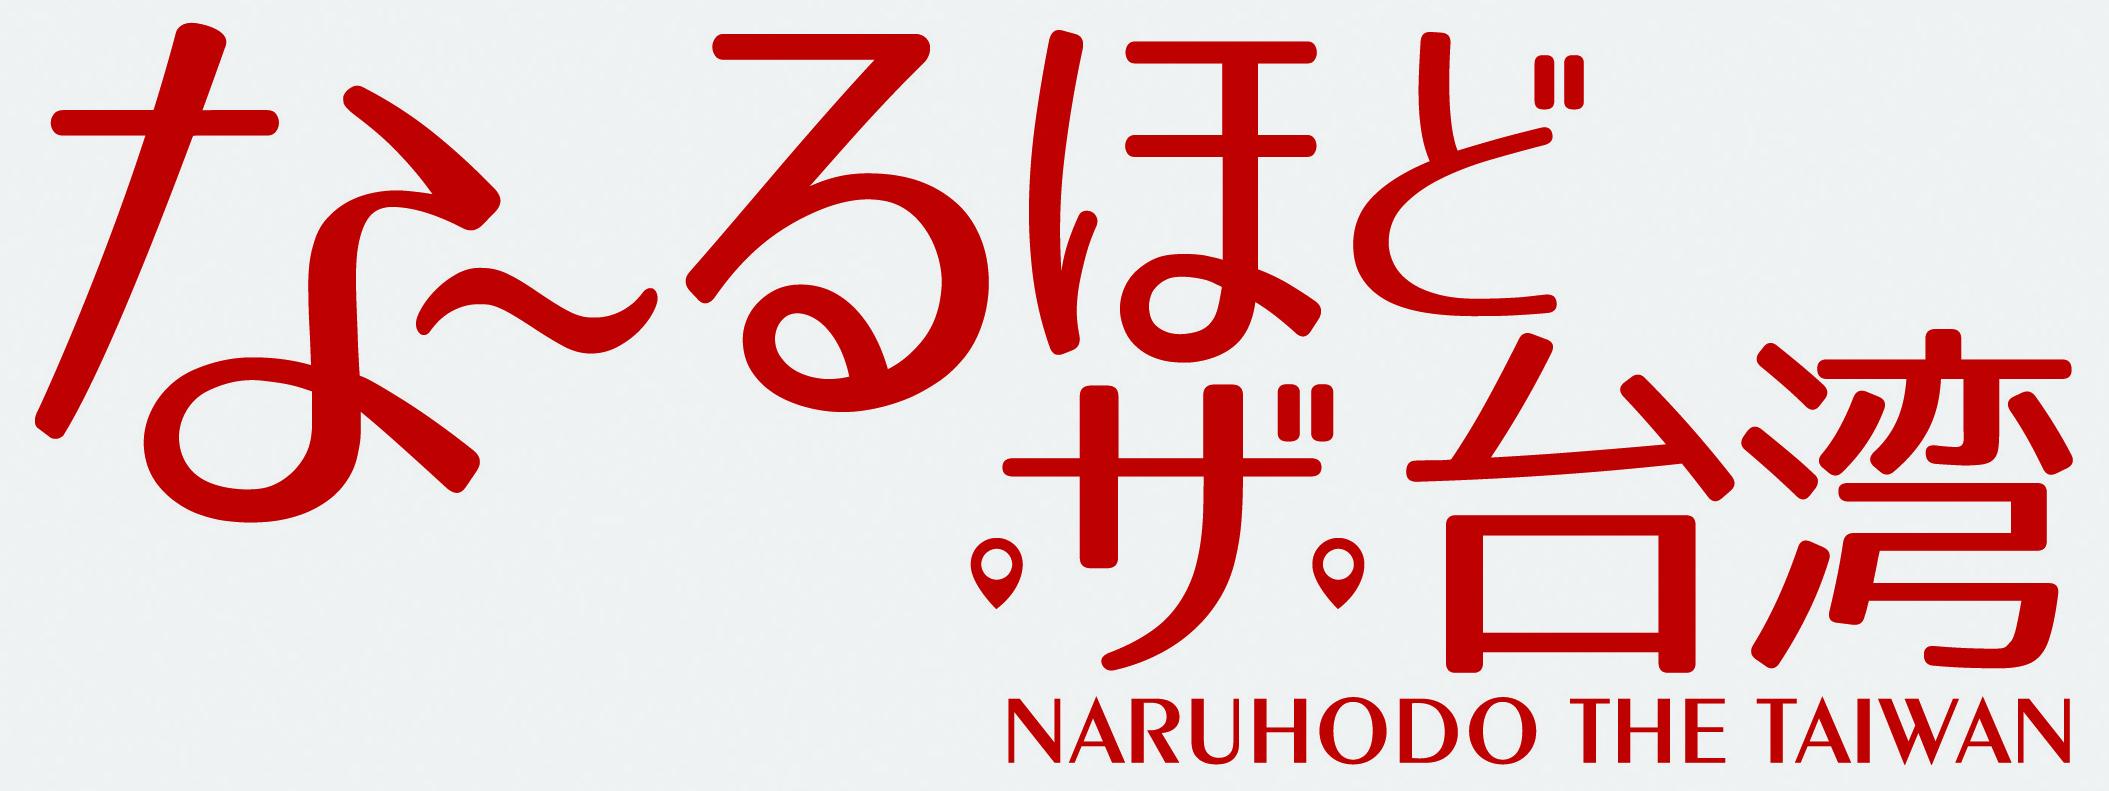 NARUHODO20150603logo